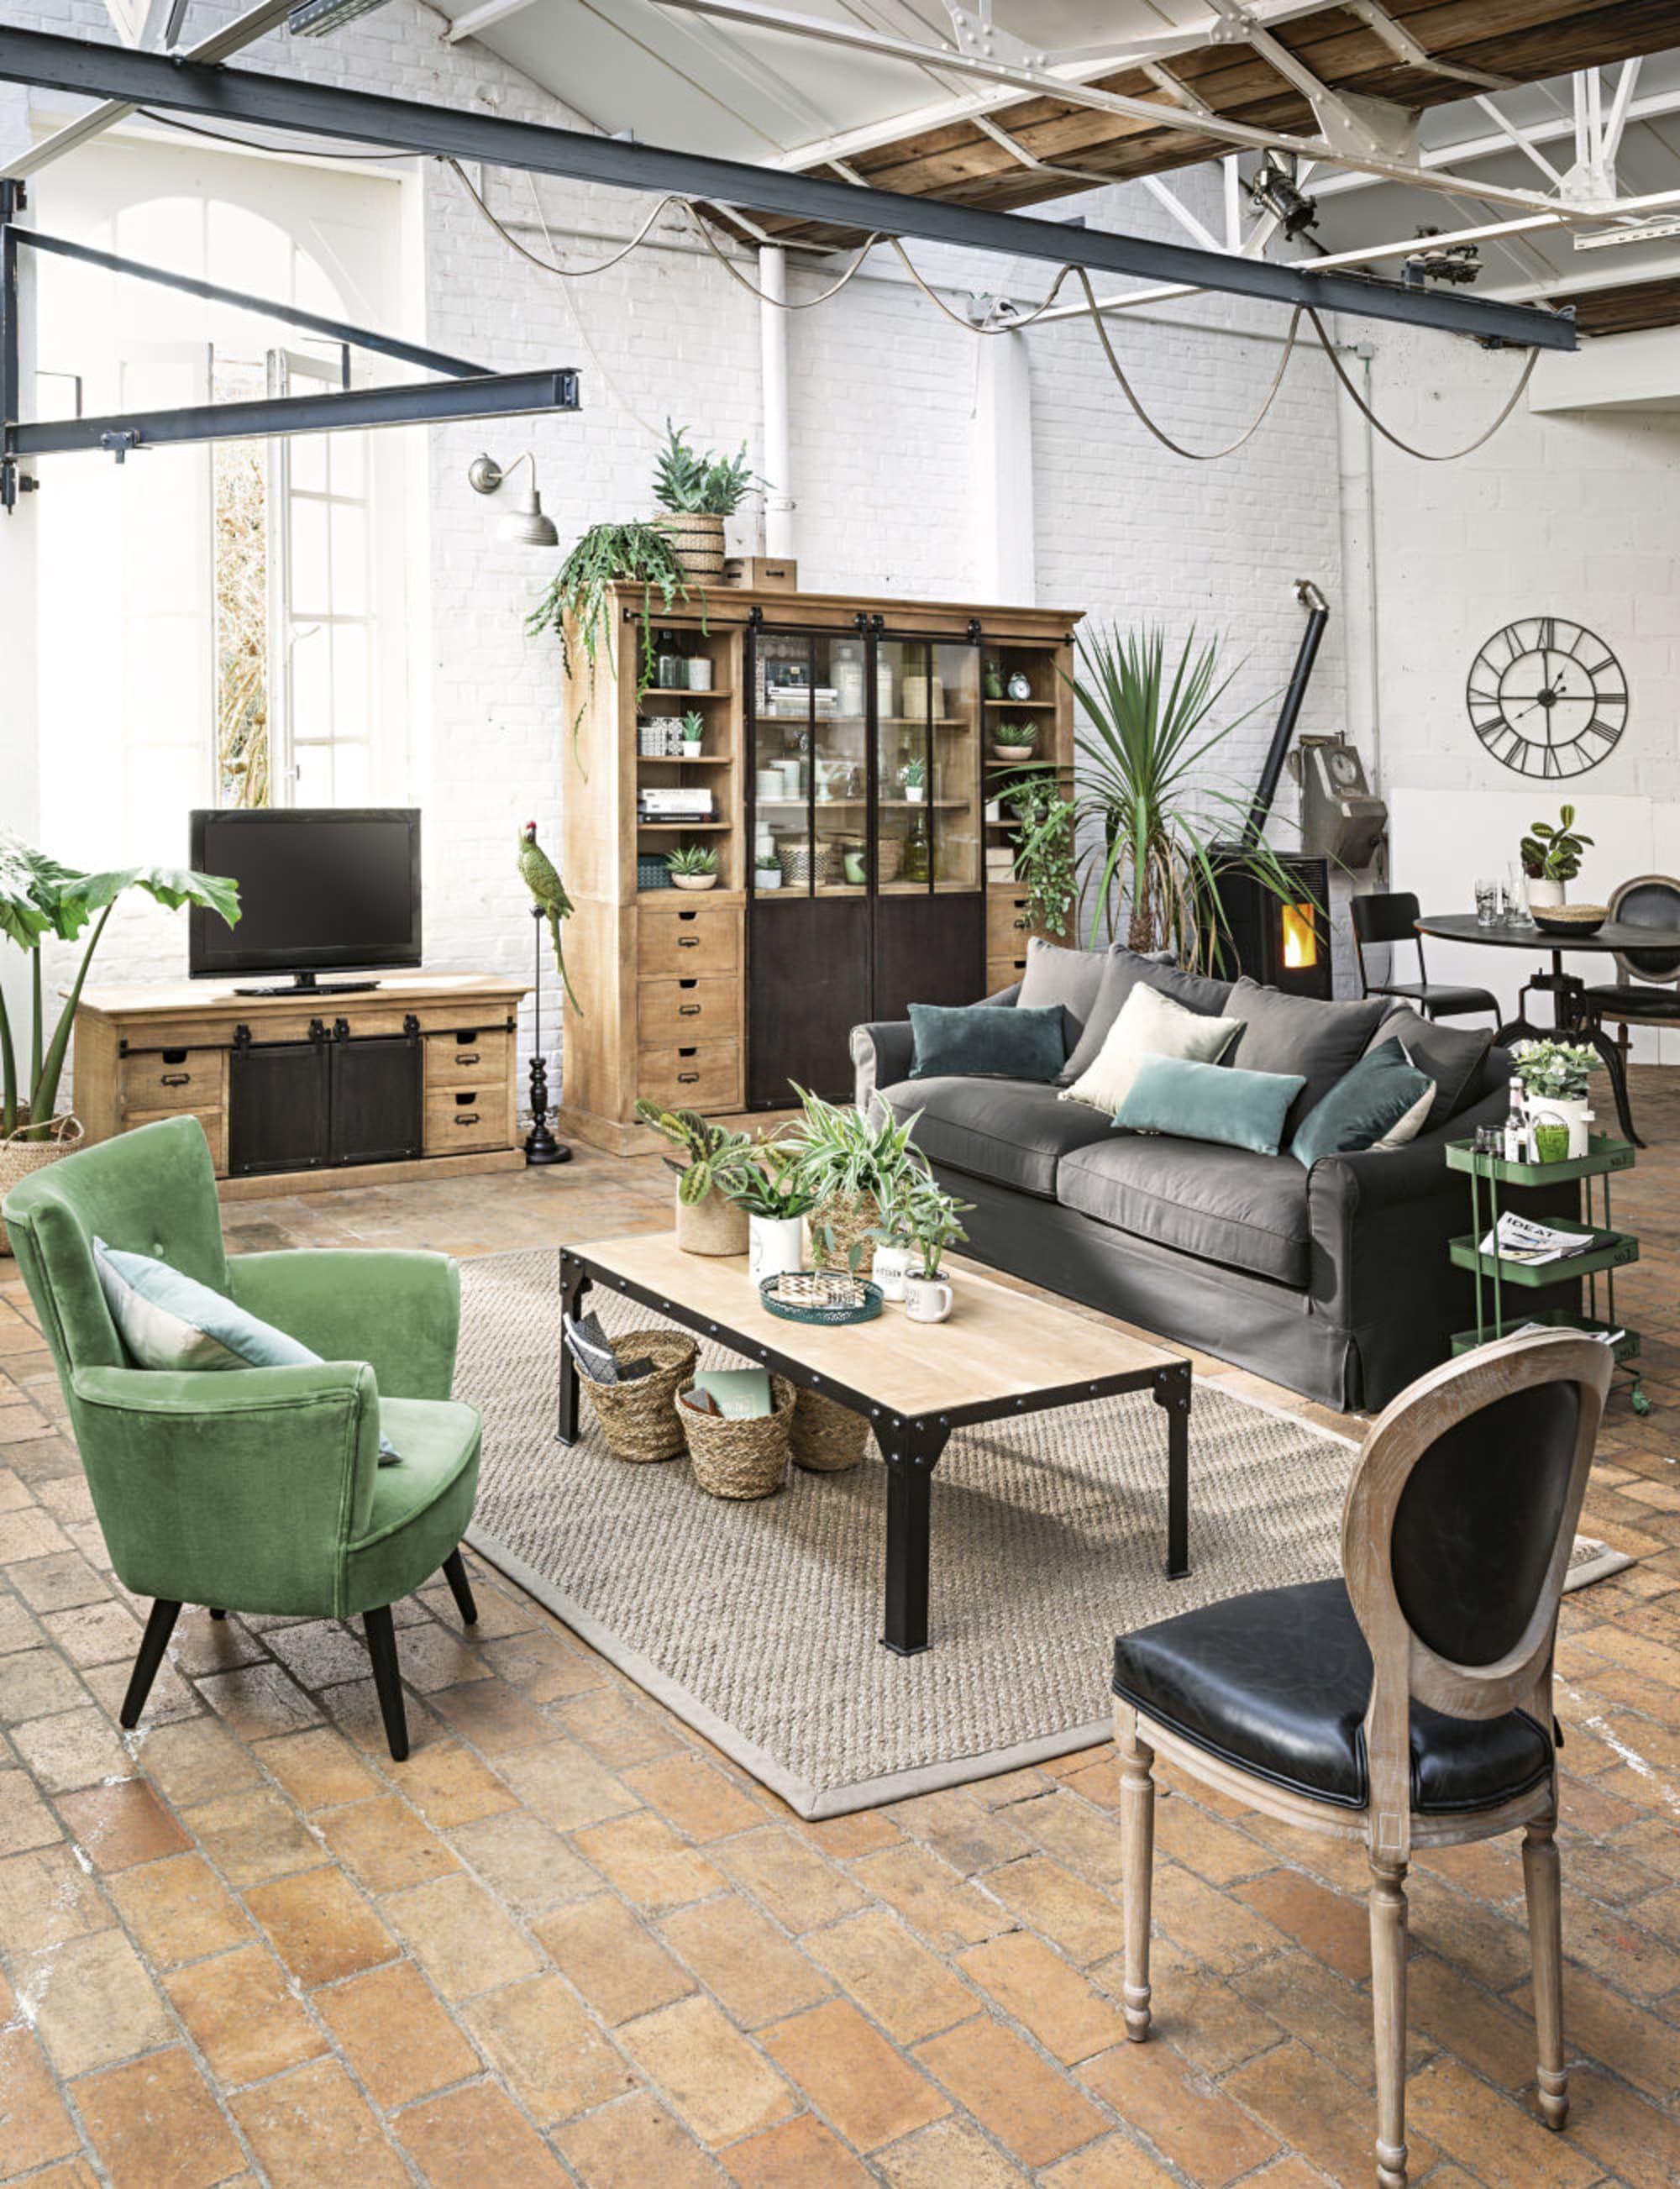 Fauteuil En Velours Vert Sao Paulo Maisons Du Monde Home Home Decor Furniture Decor